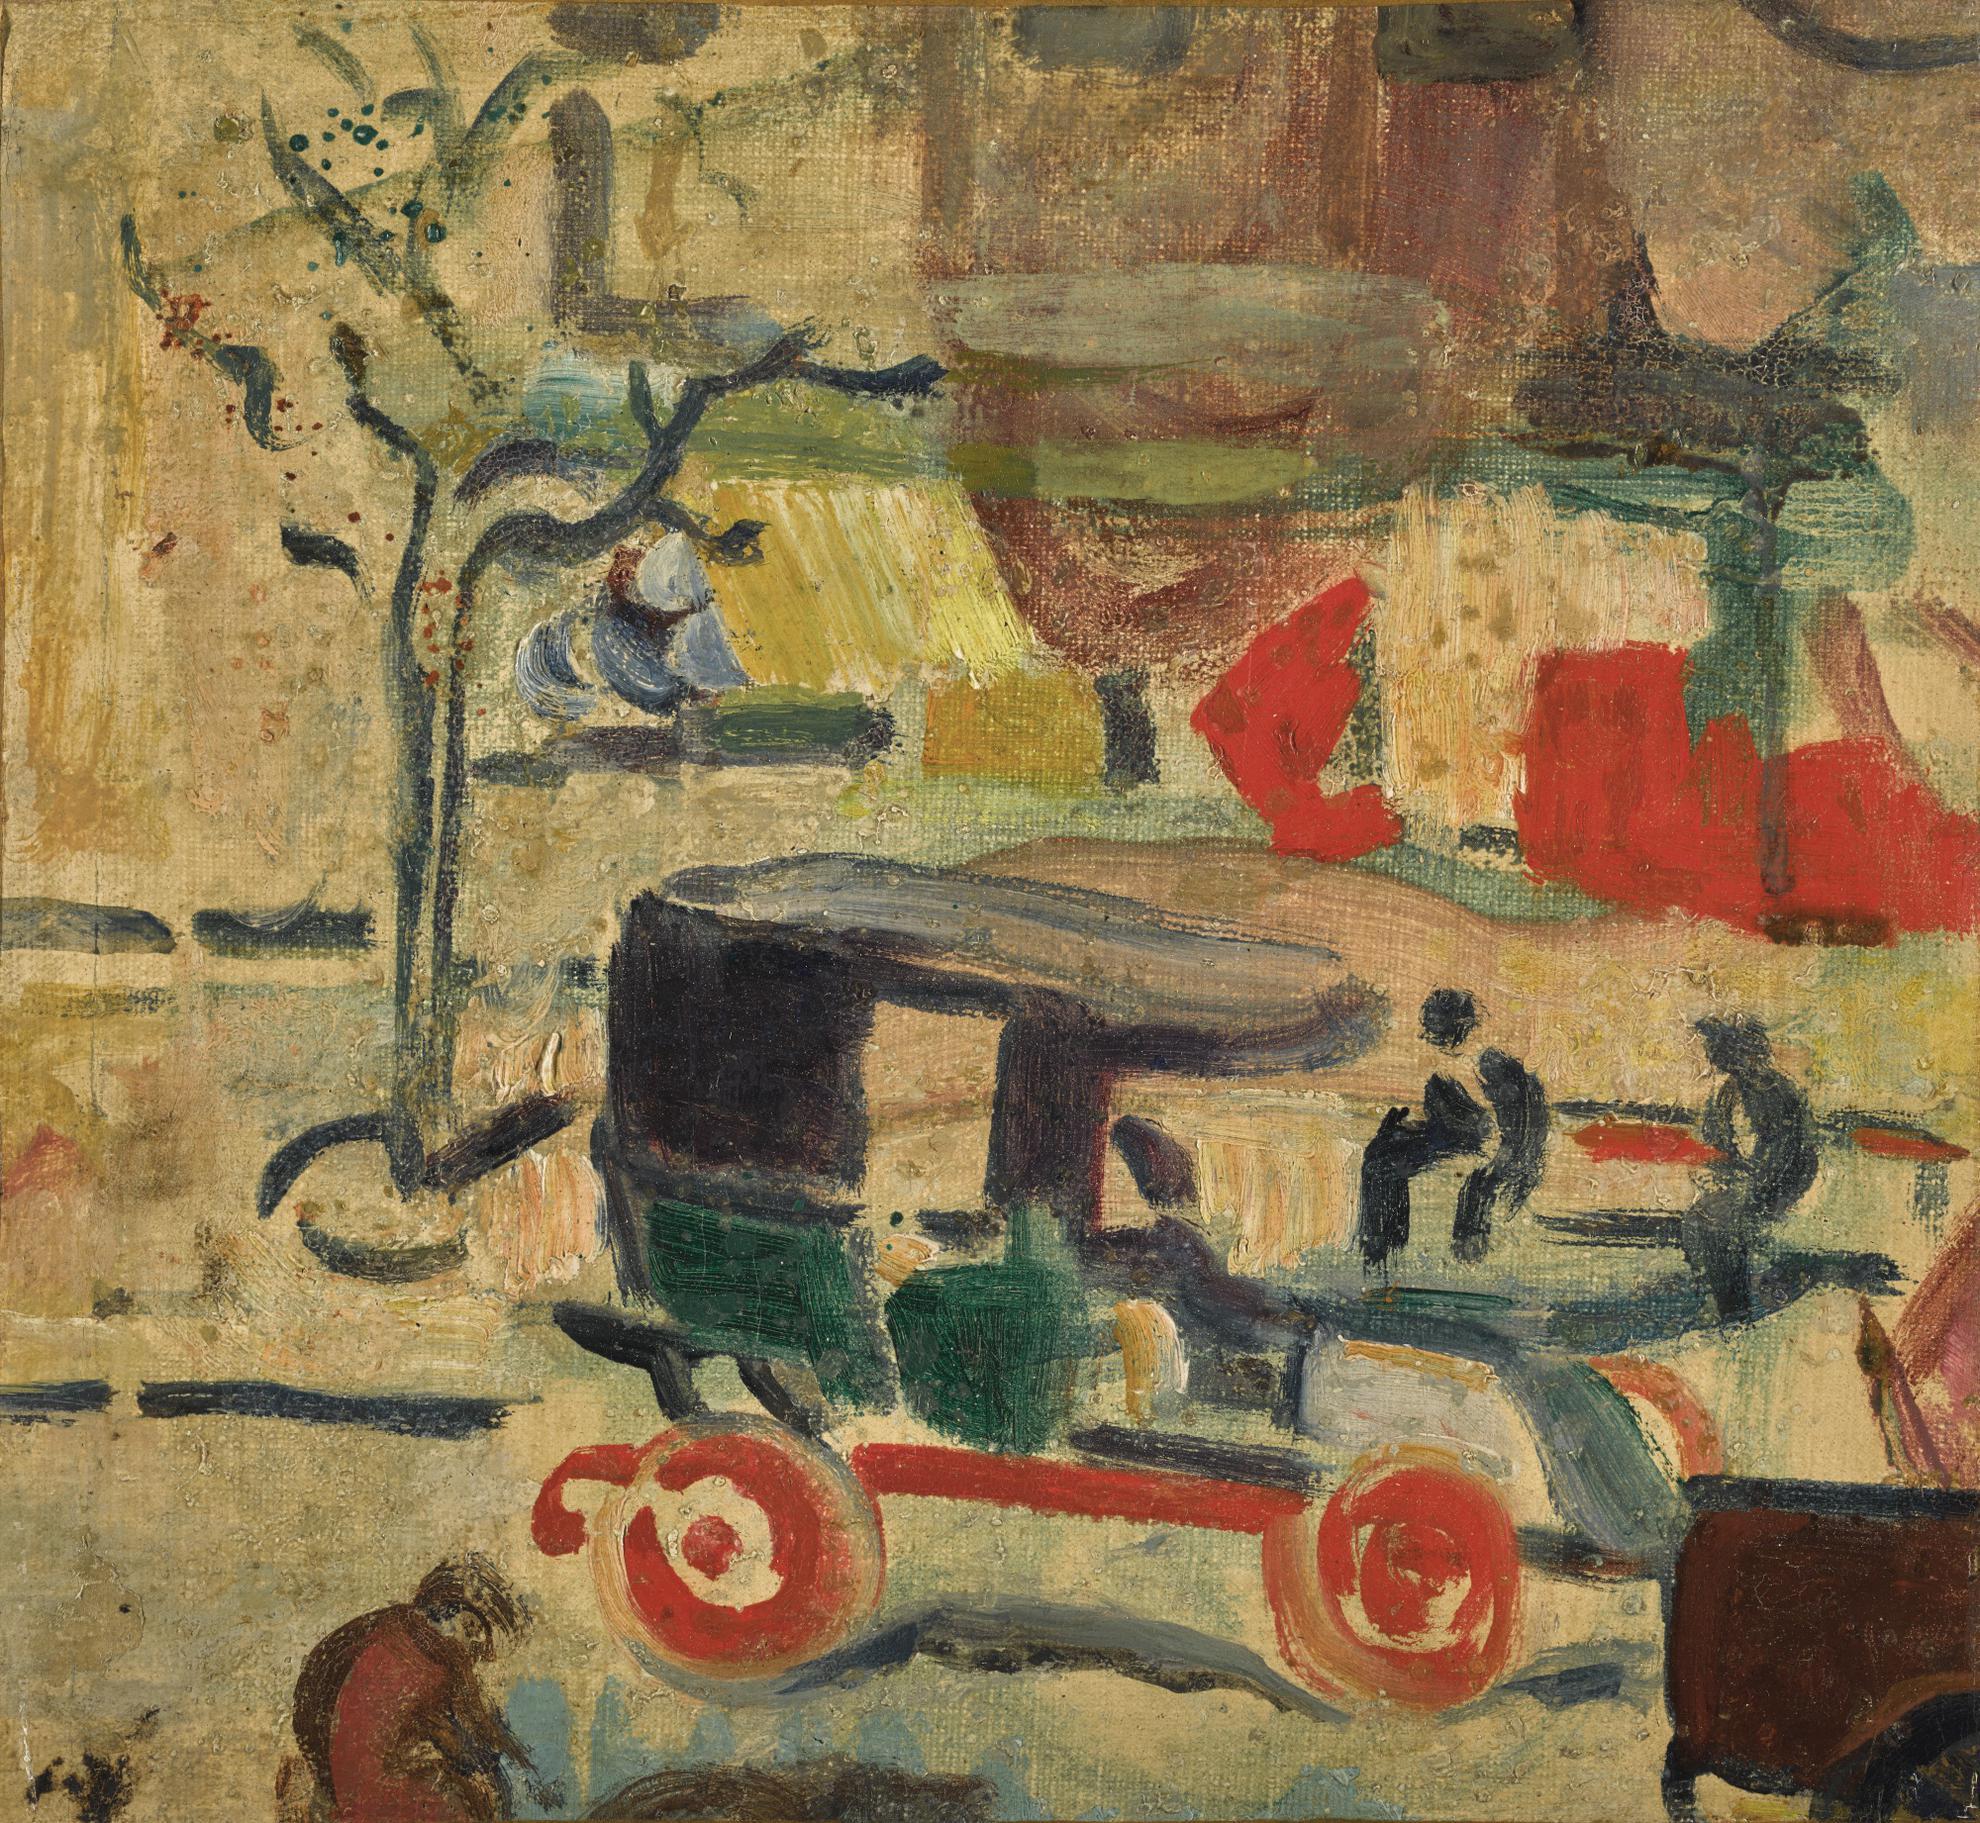 Louis Valtat-Le Taxi (Boulevard A Paris)-1905